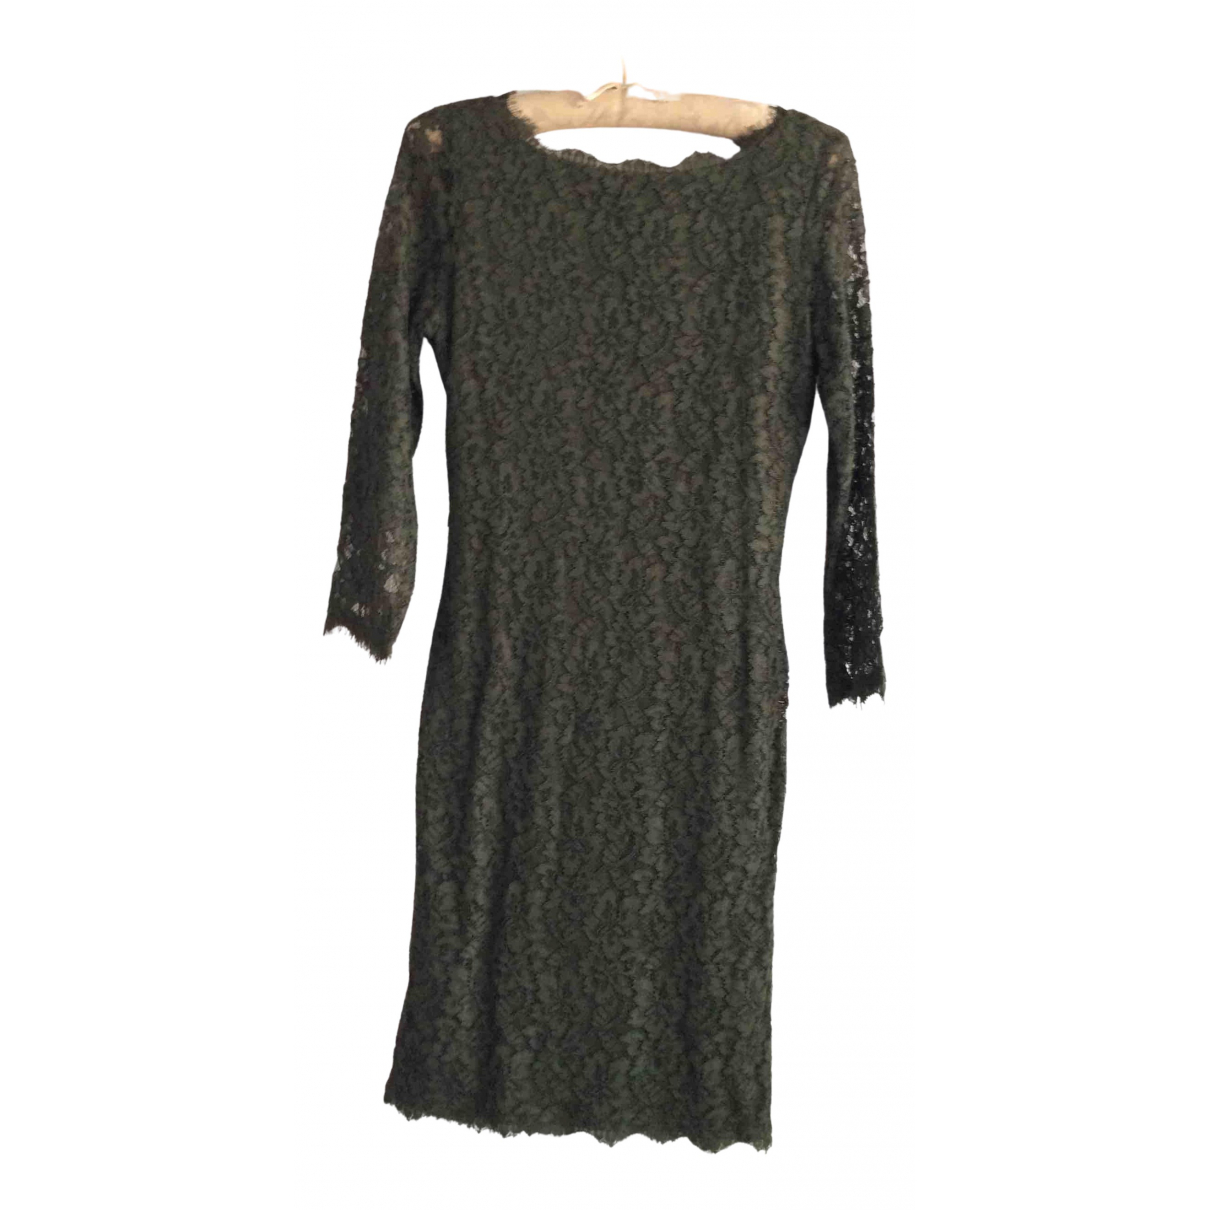 Diane Von Furstenberg \N Kleid in  Khaki Spitze